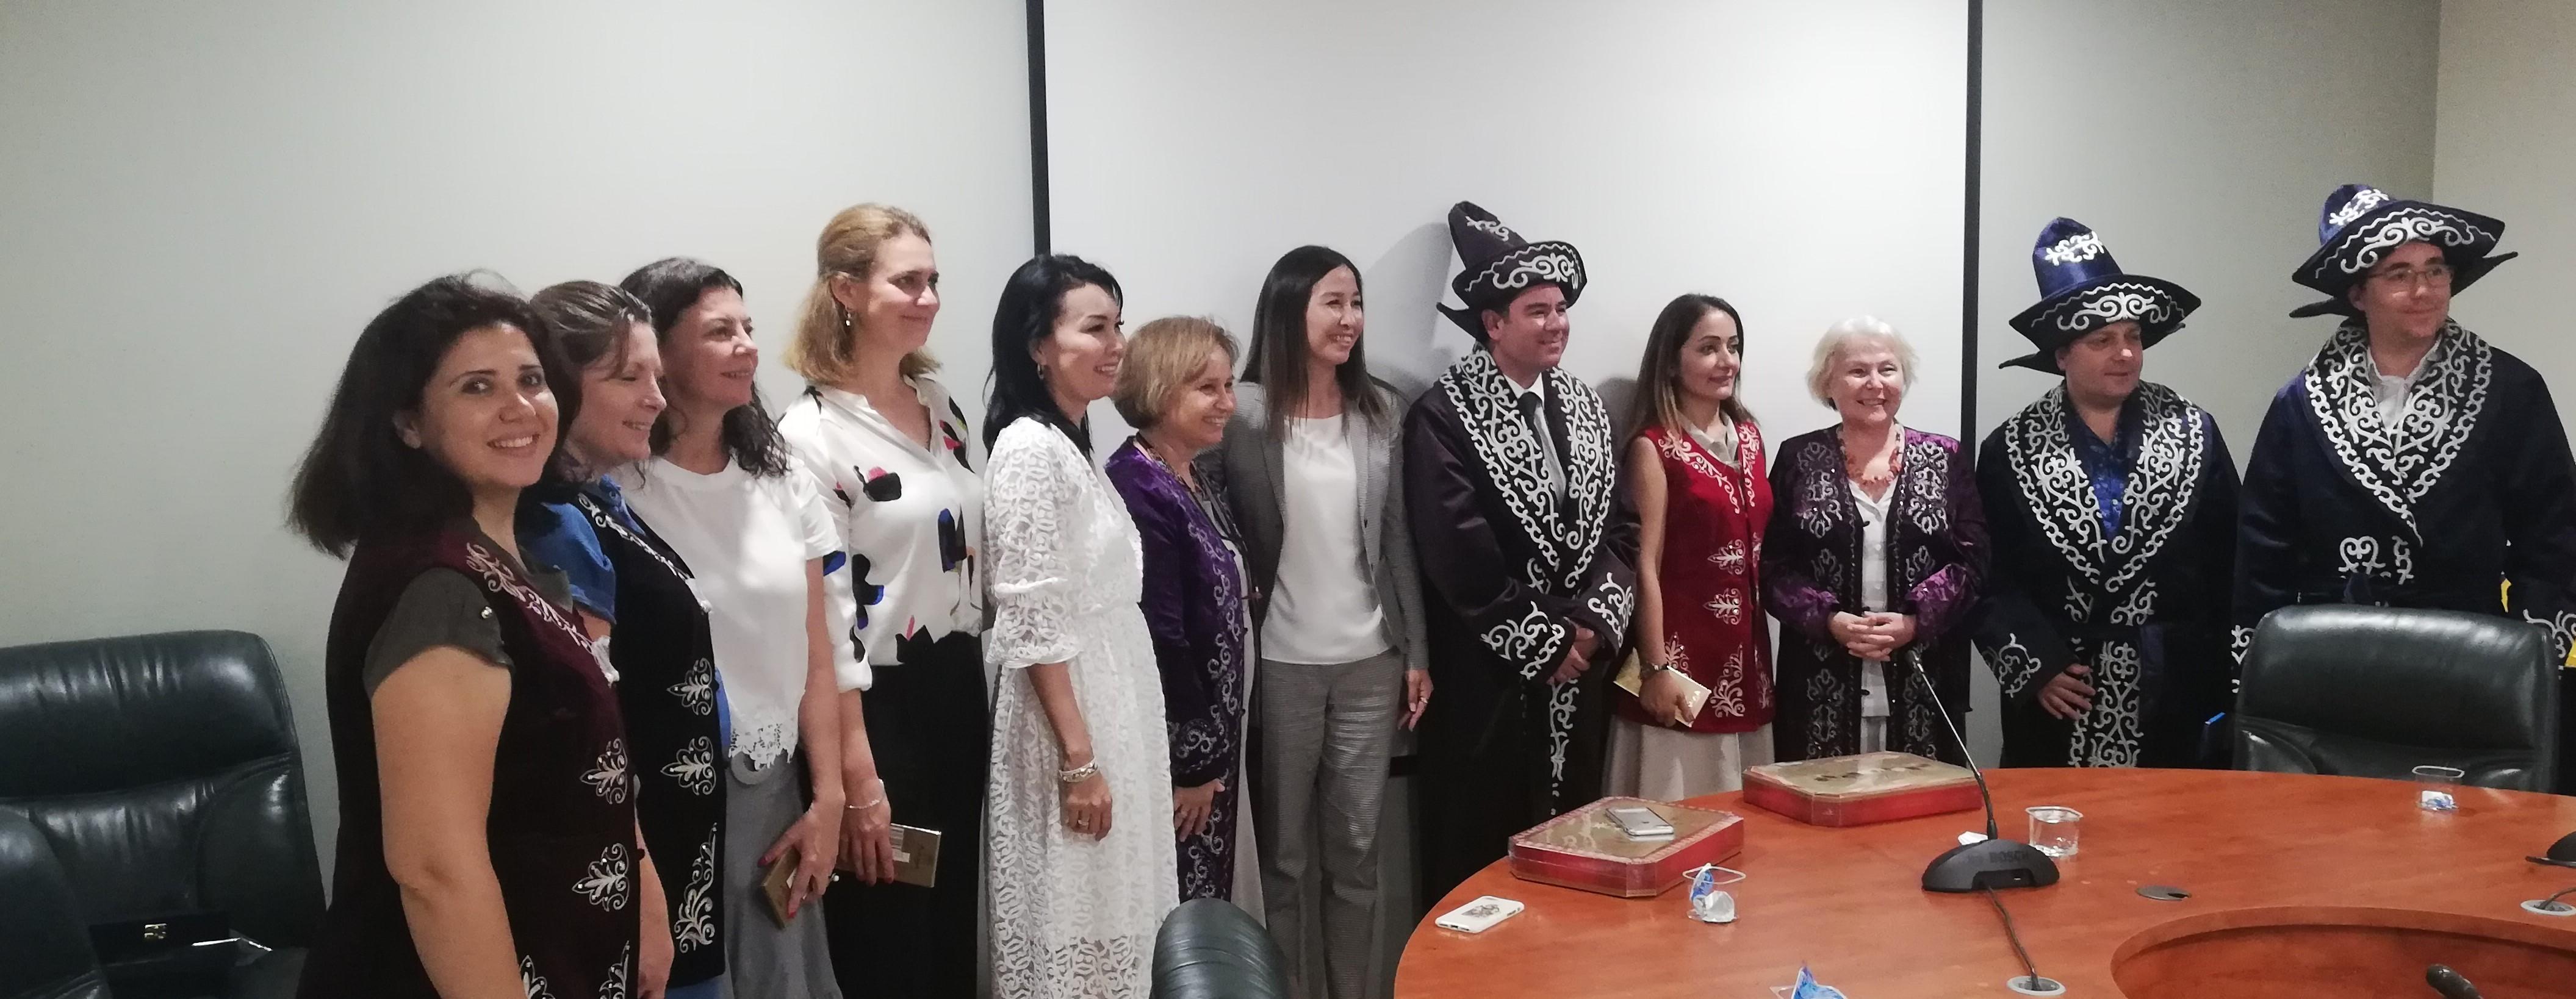 kazakistan, eğitim, eğiticilerin eğitimi